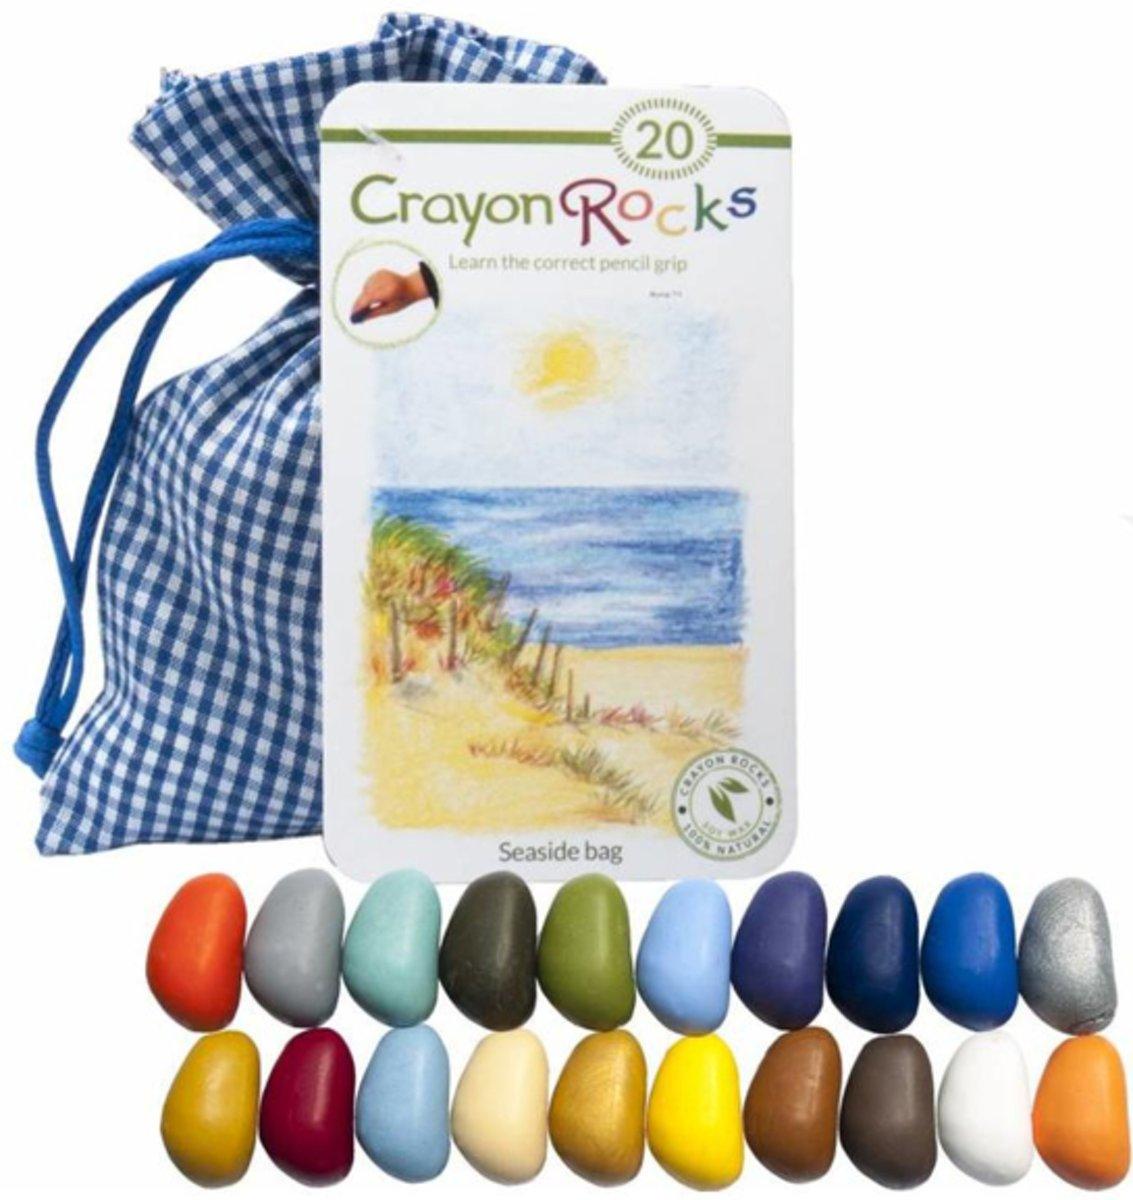 Crayon Rocks (20) krijtjes in een blauw-wit geruiten zakje kopen